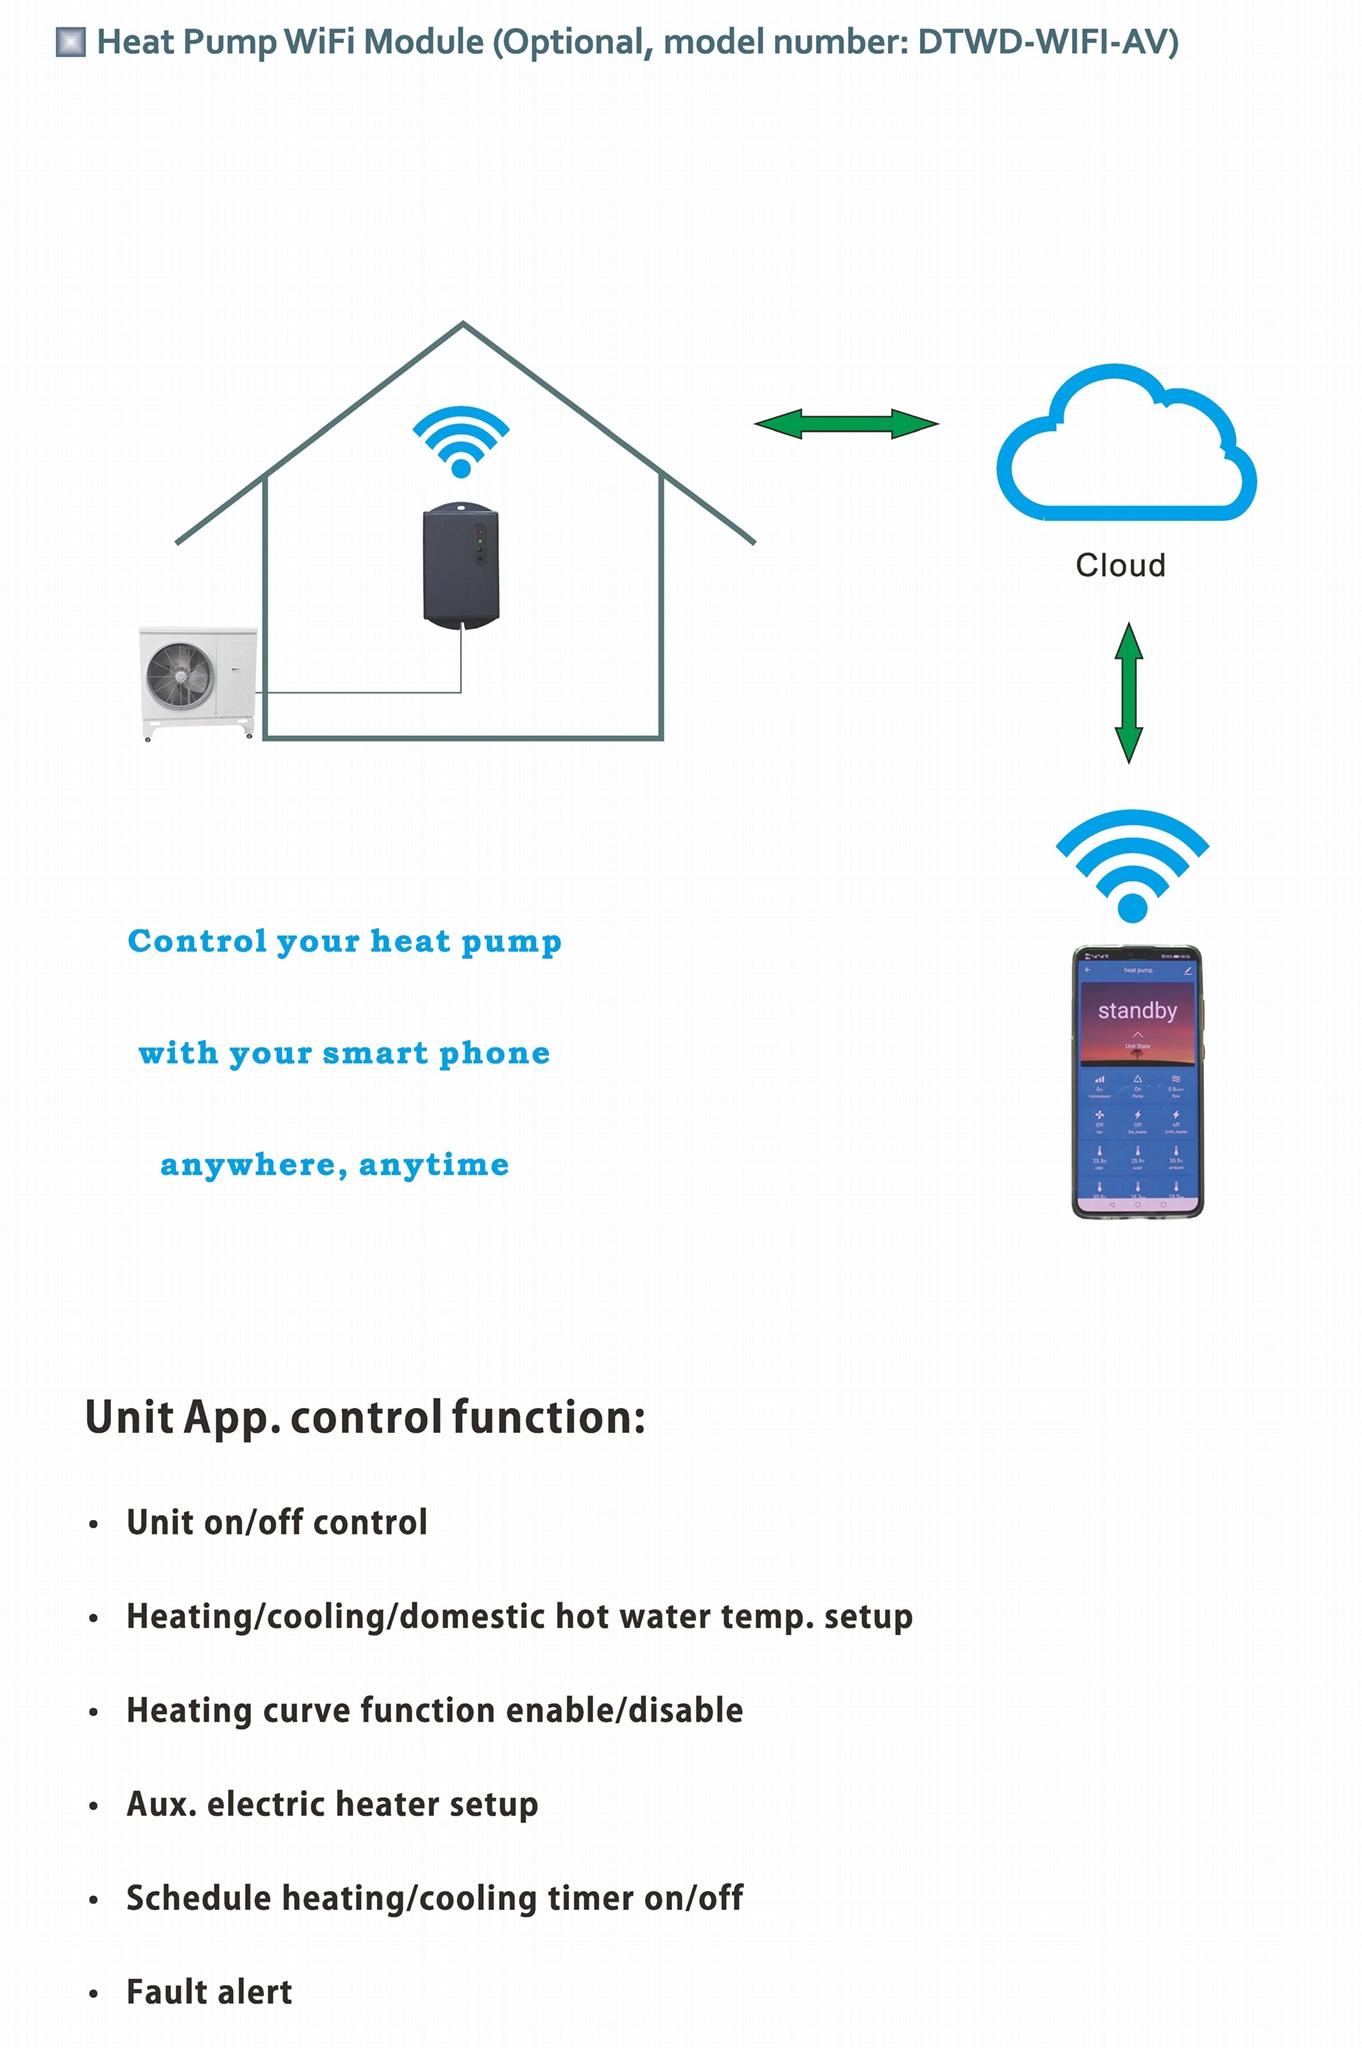 heat pump wifi